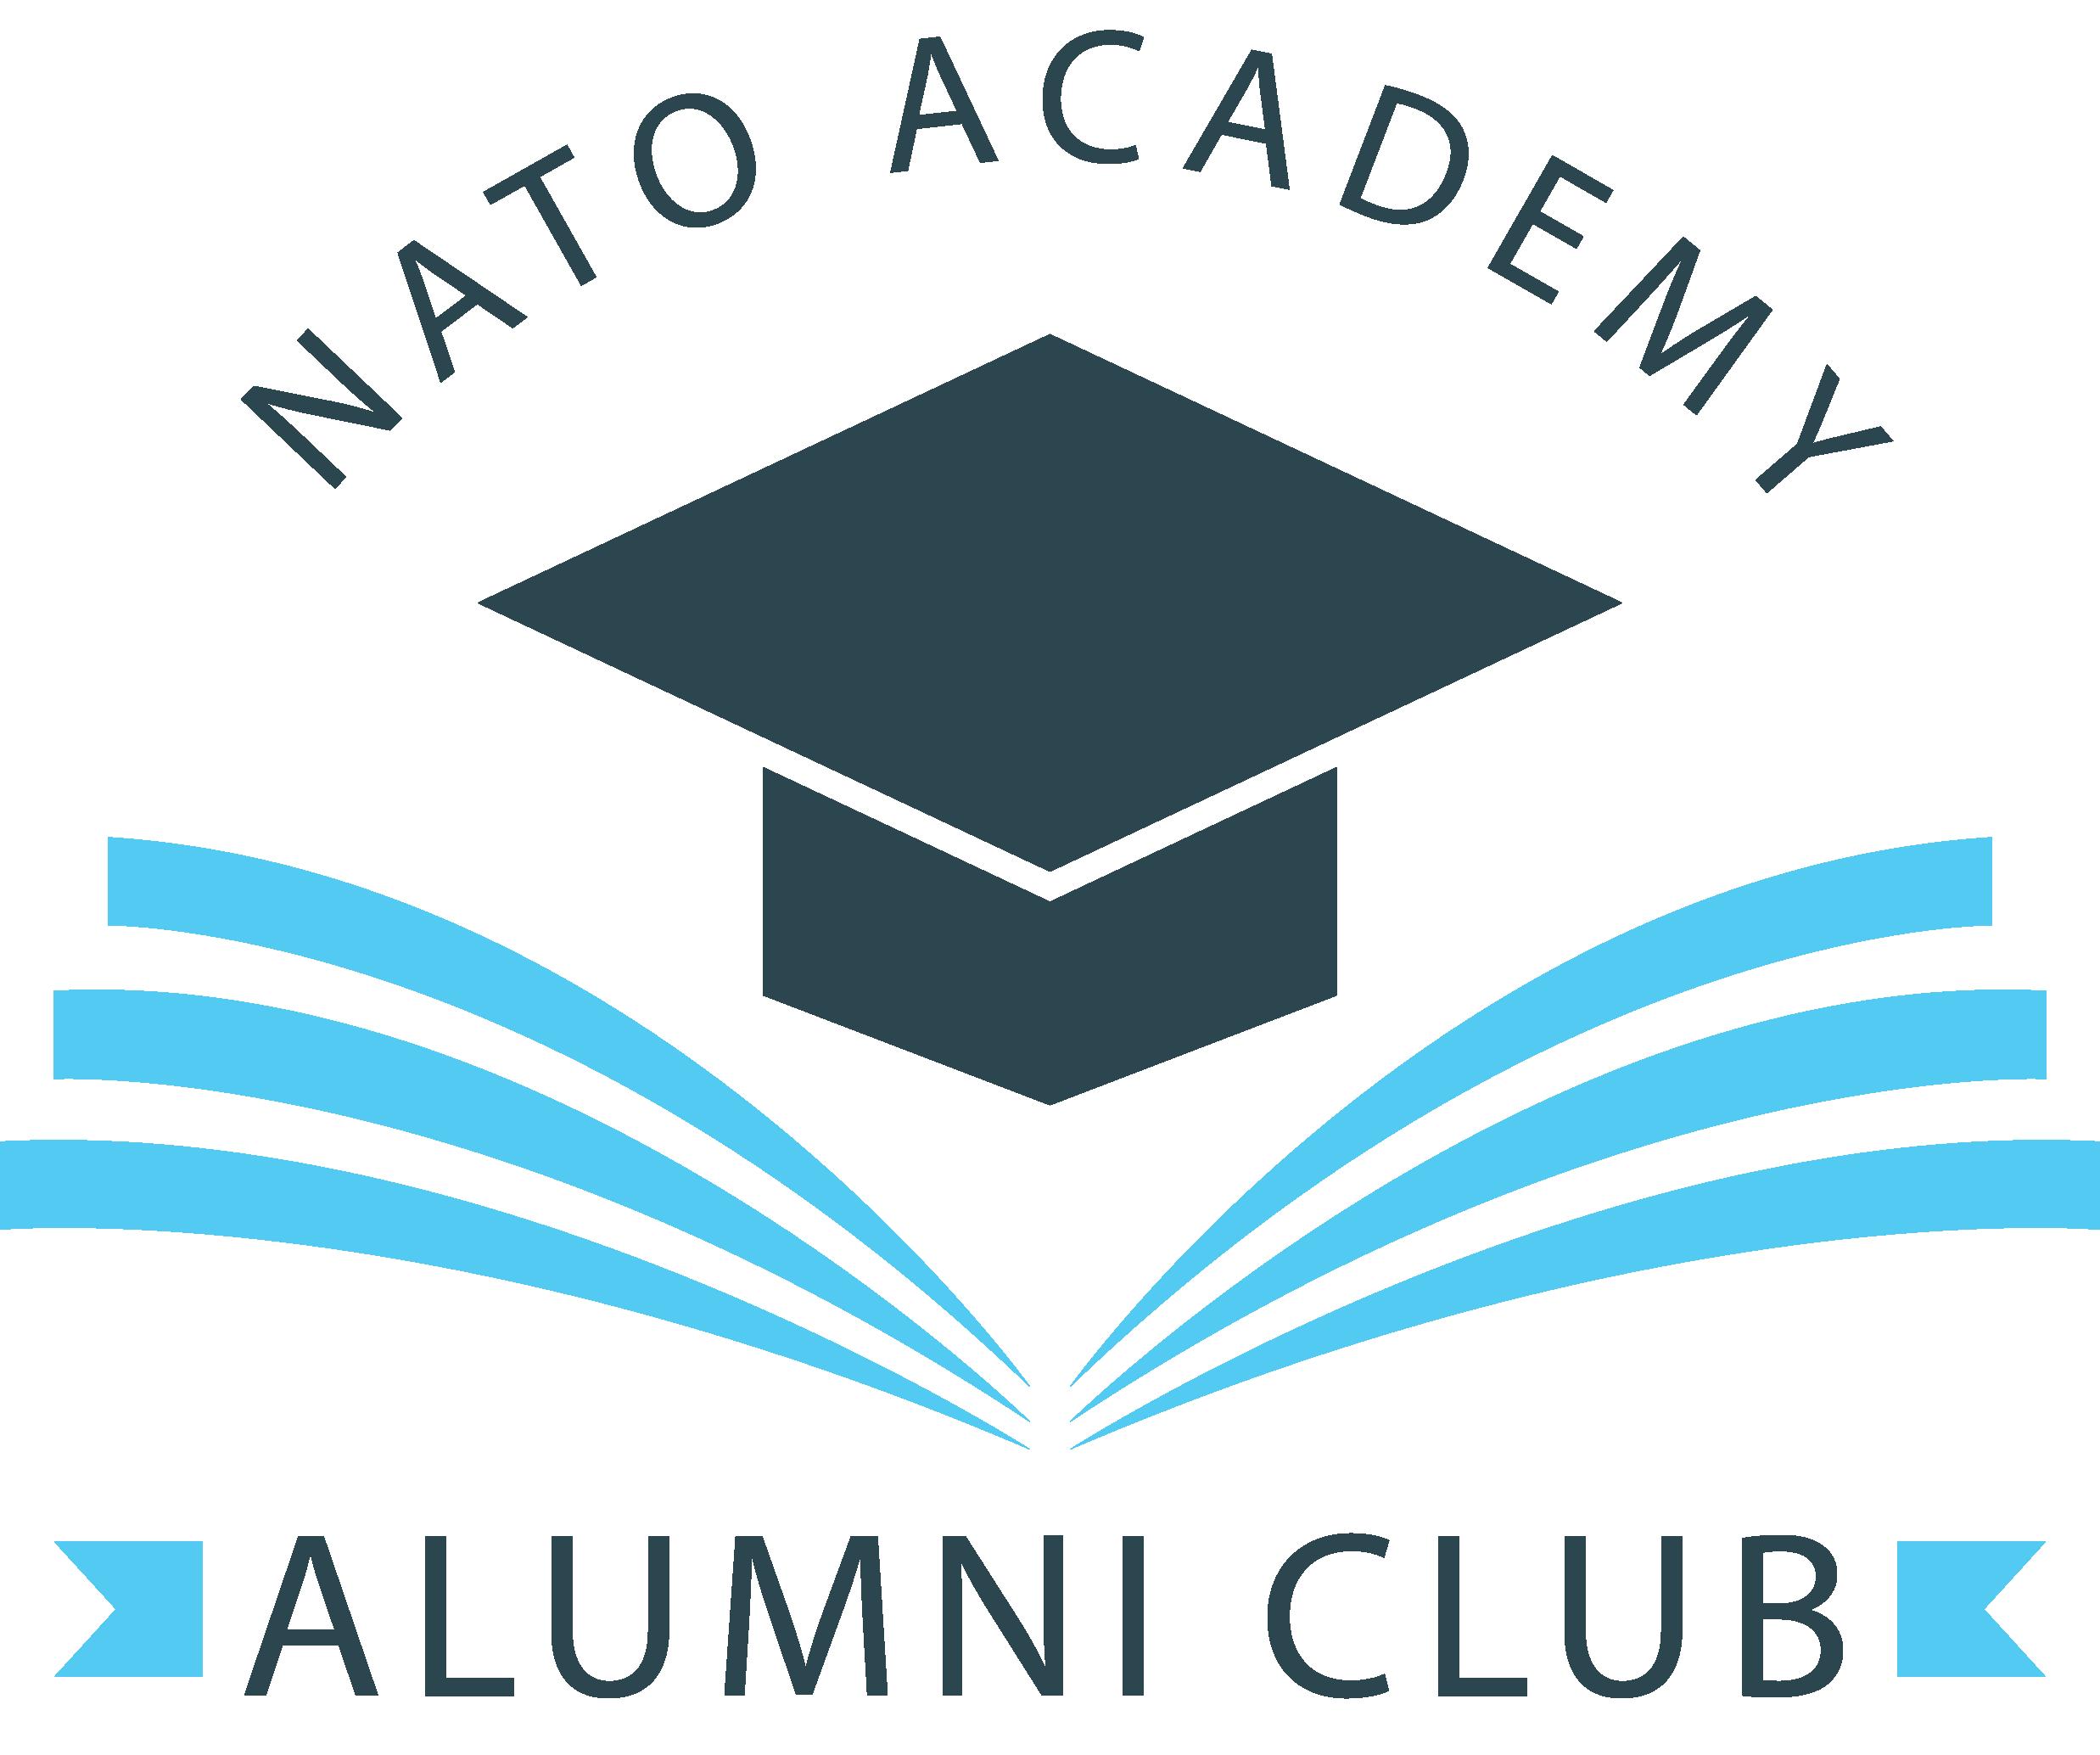 Клуб випускників Академій НАТО